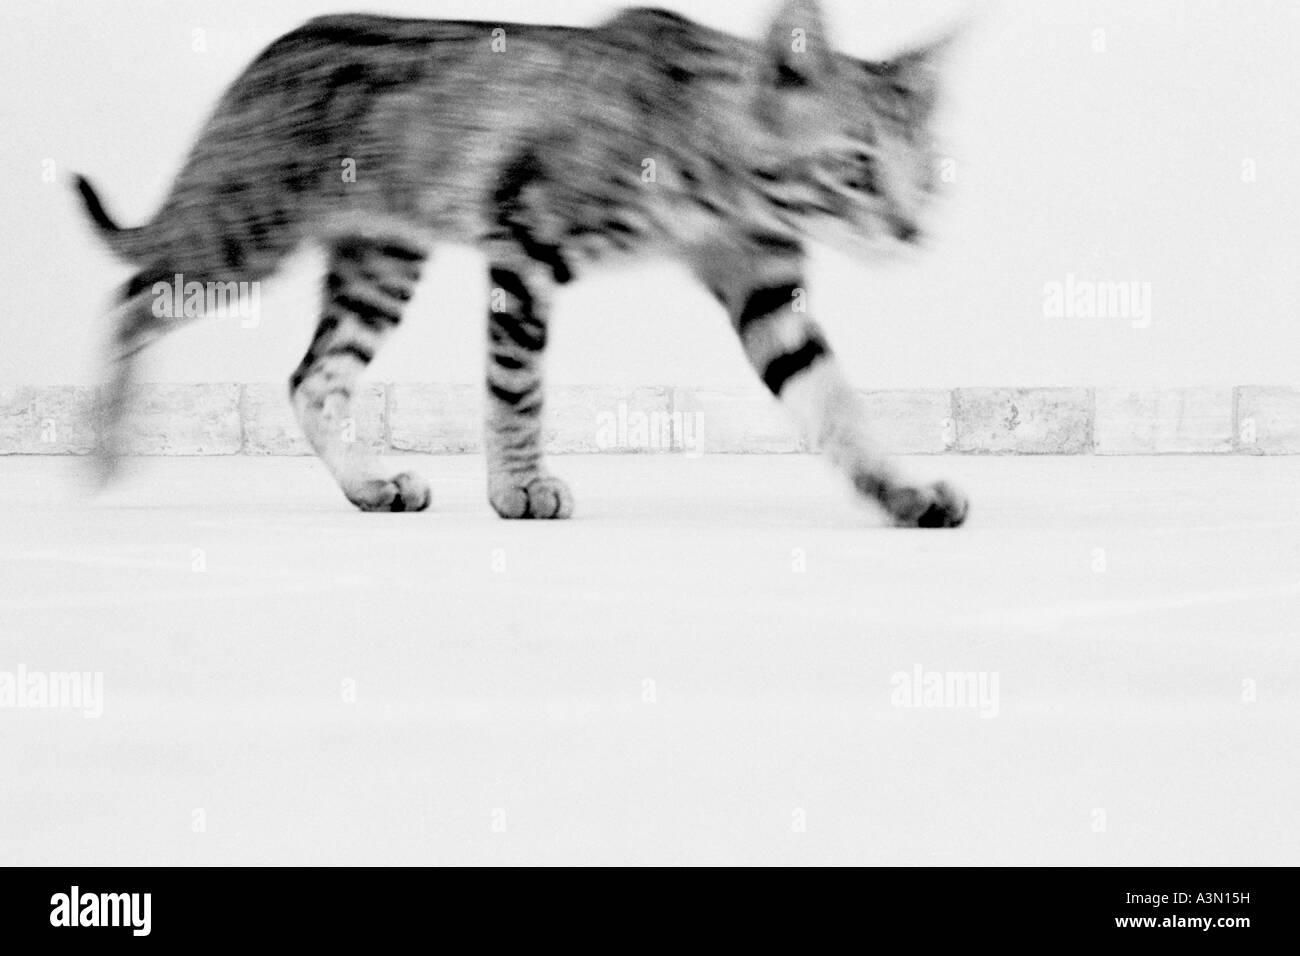 Walking cat - Stock Image